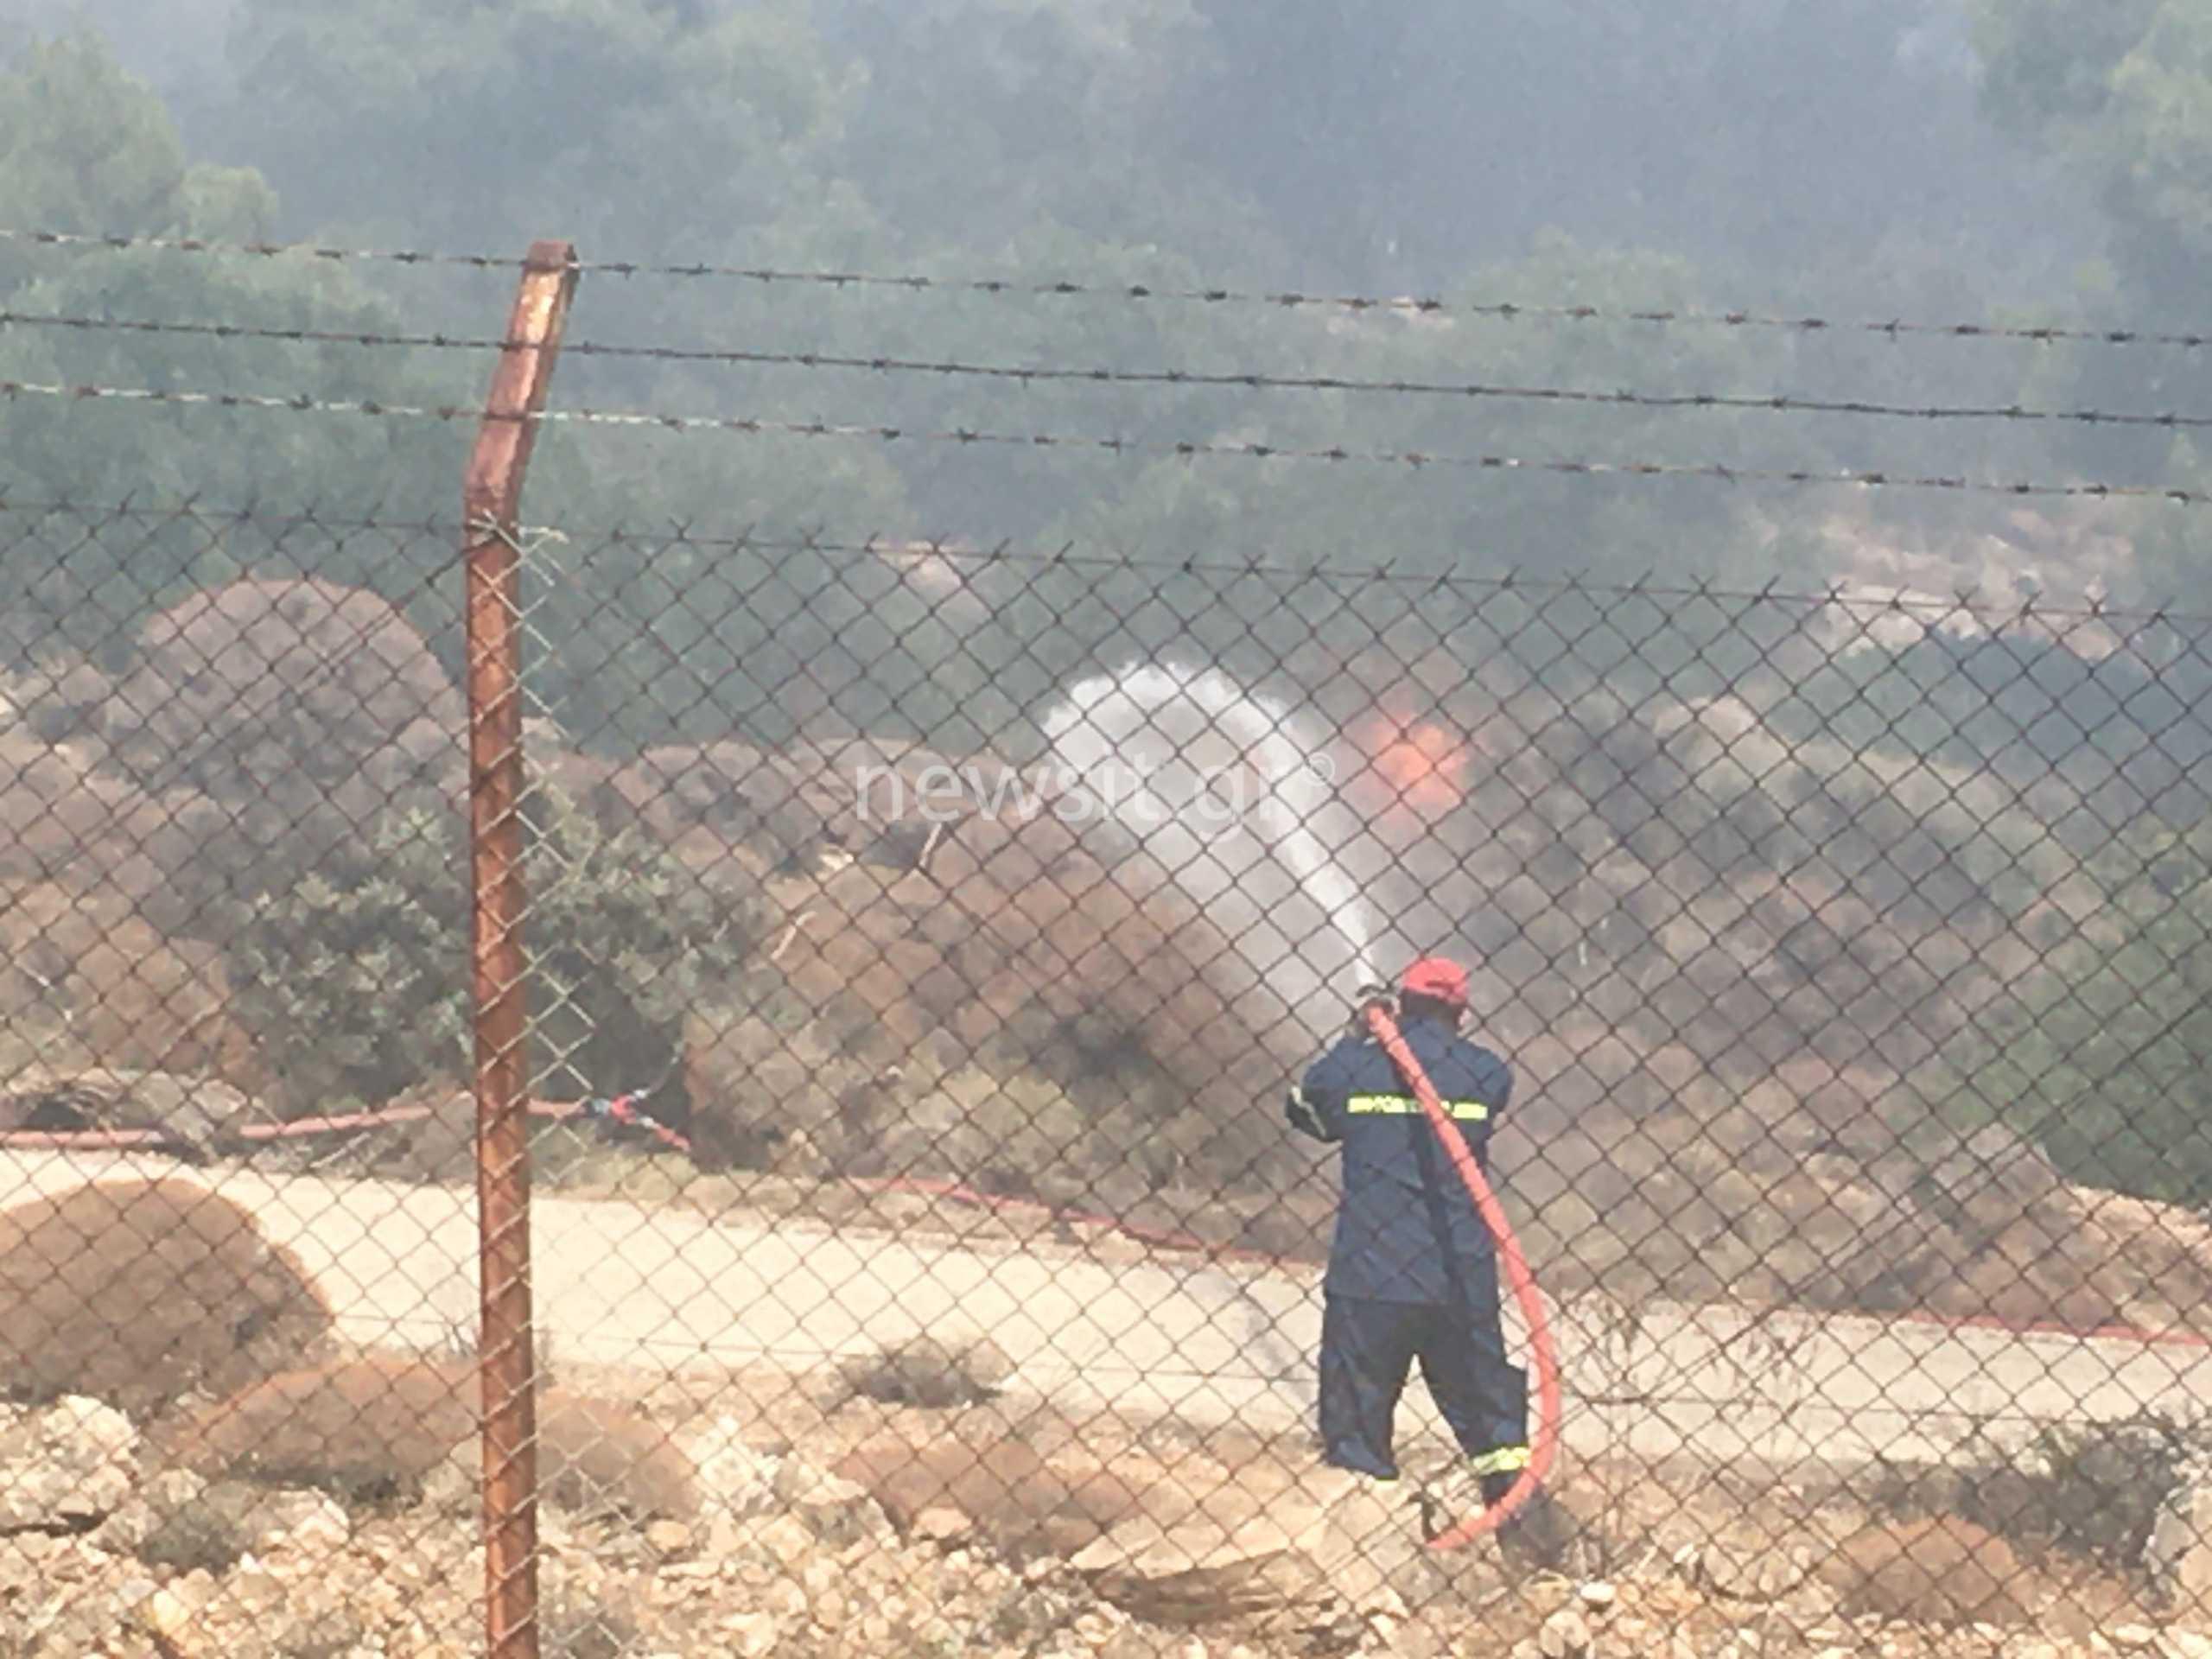 Πυρκαγιά στο Λαύριο – Έρευνα για εμπρησμό με εντολή Χαρδαλιά – Σε ύφεση με διάσπαρτες εστίες